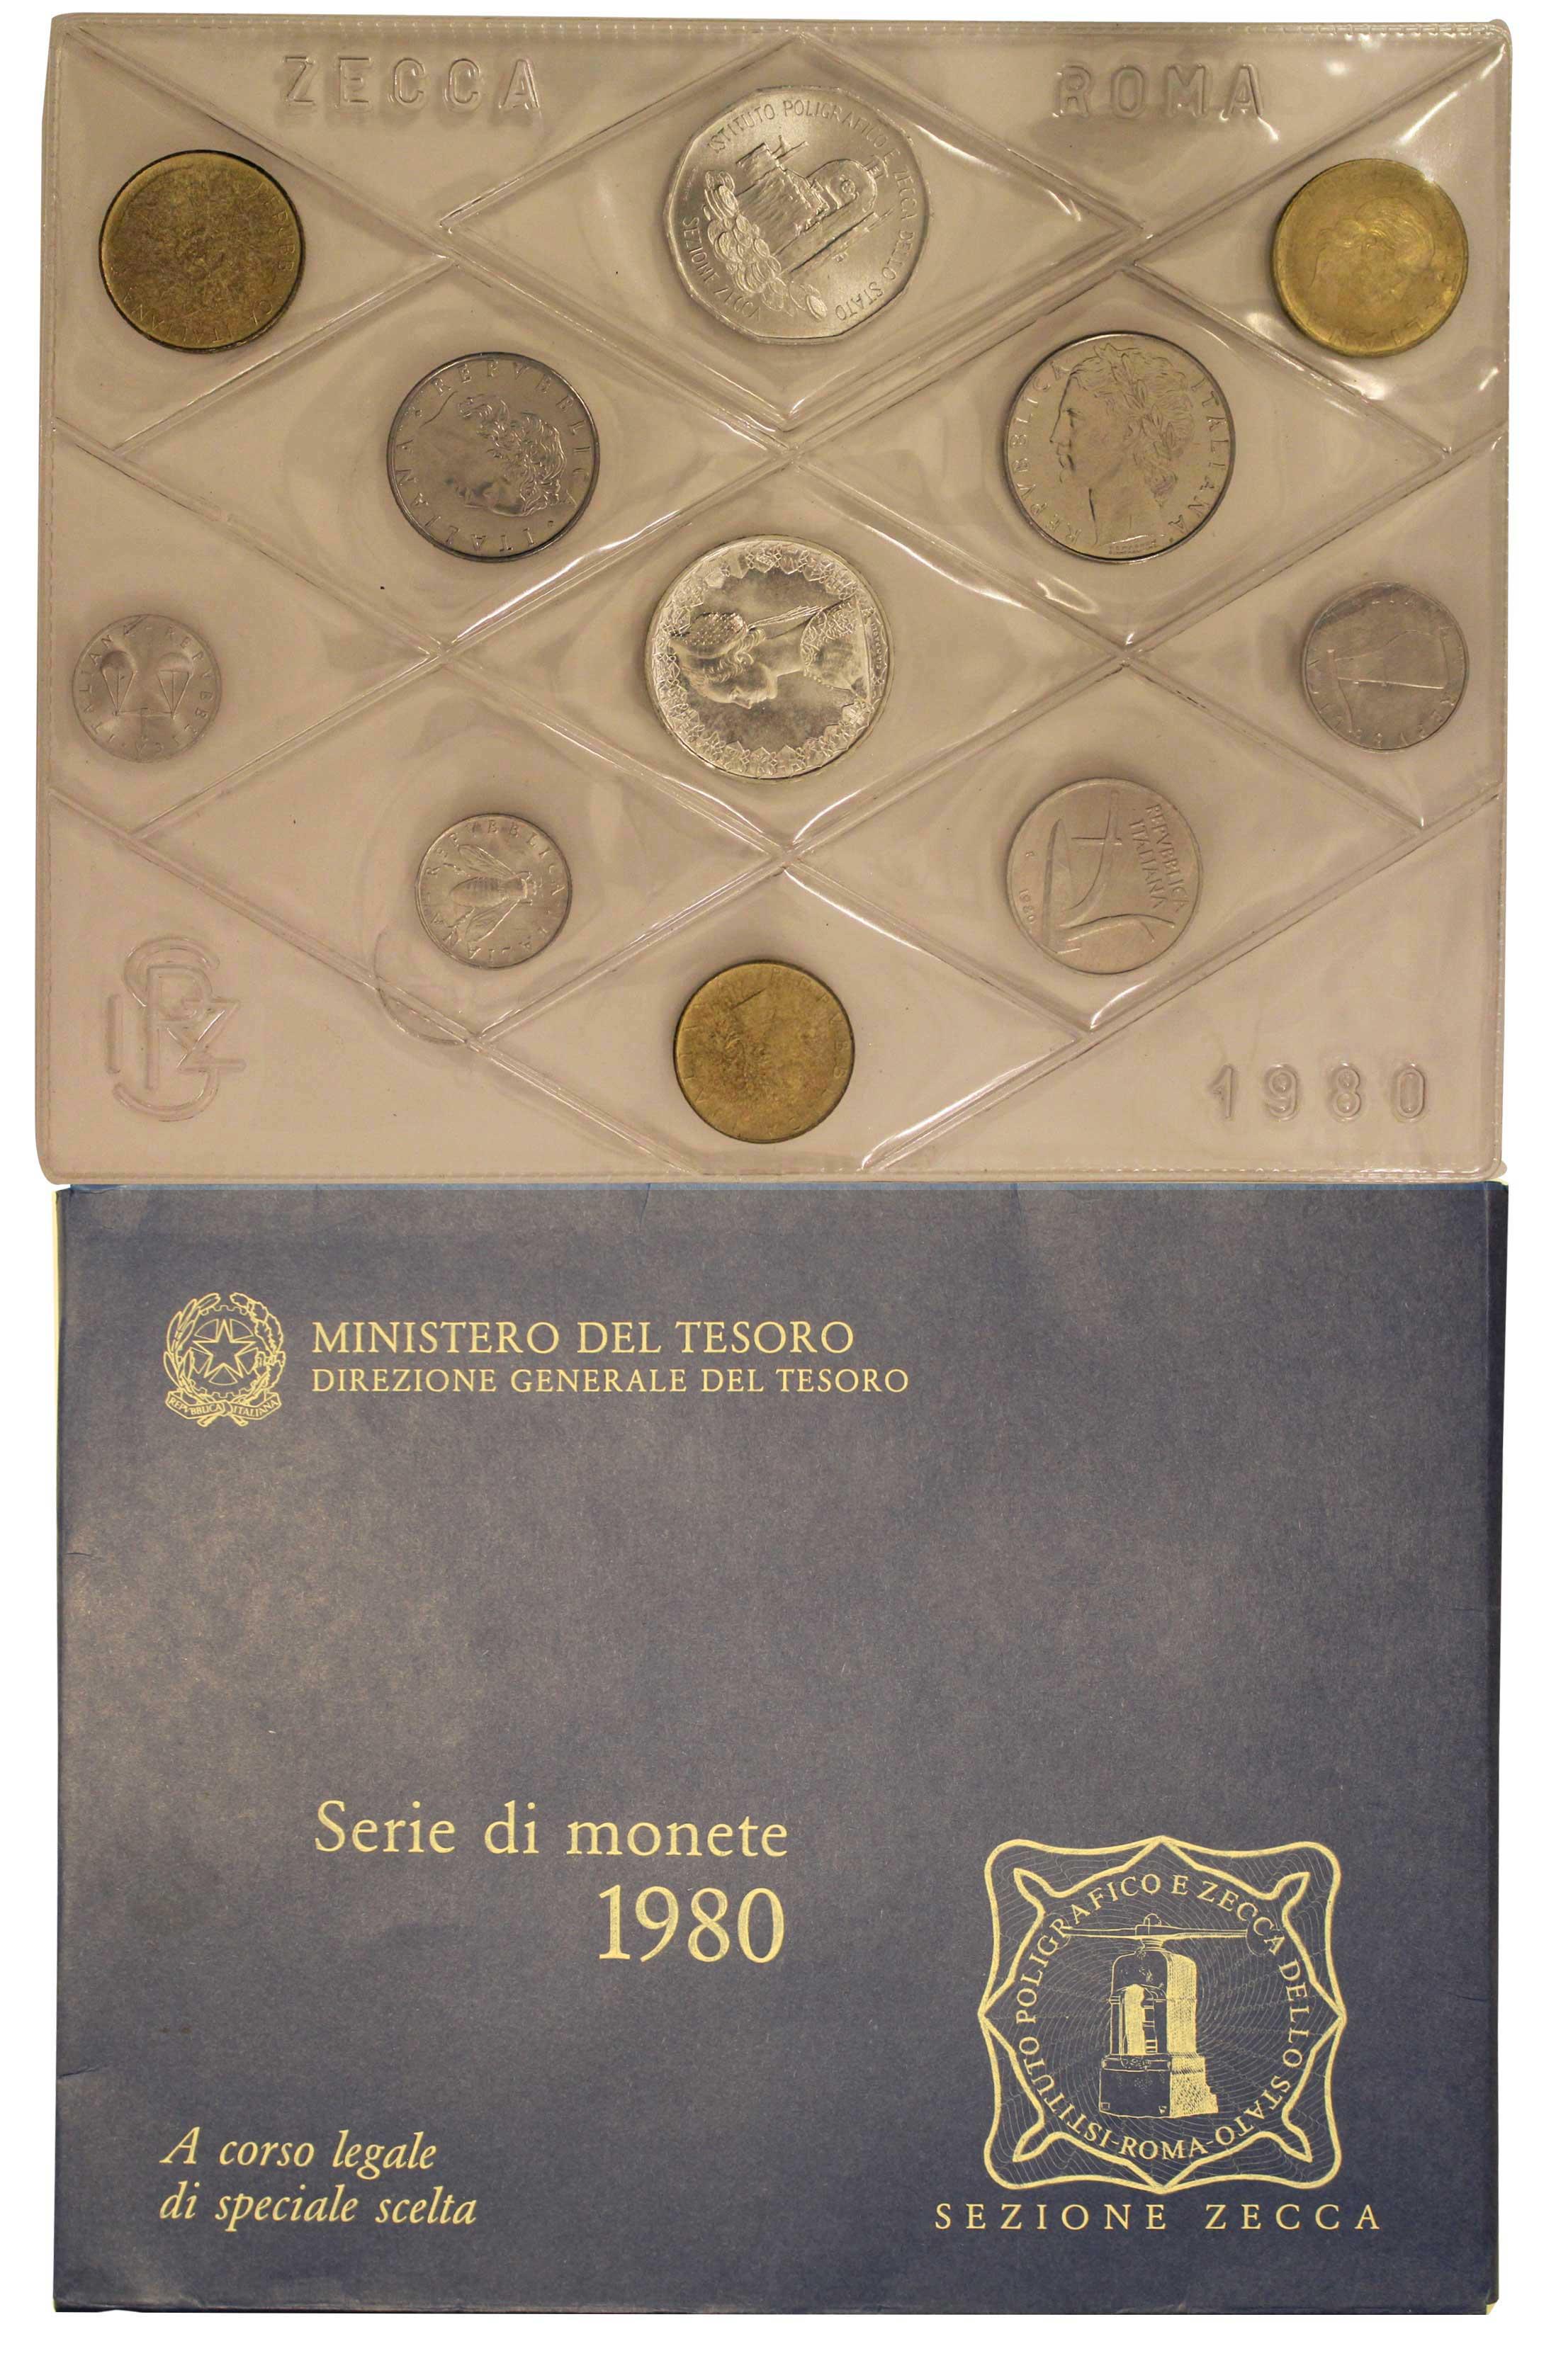 045e96ec01 1980 - Serie completa di 10 monete confezionate dalla Zecca Italiana